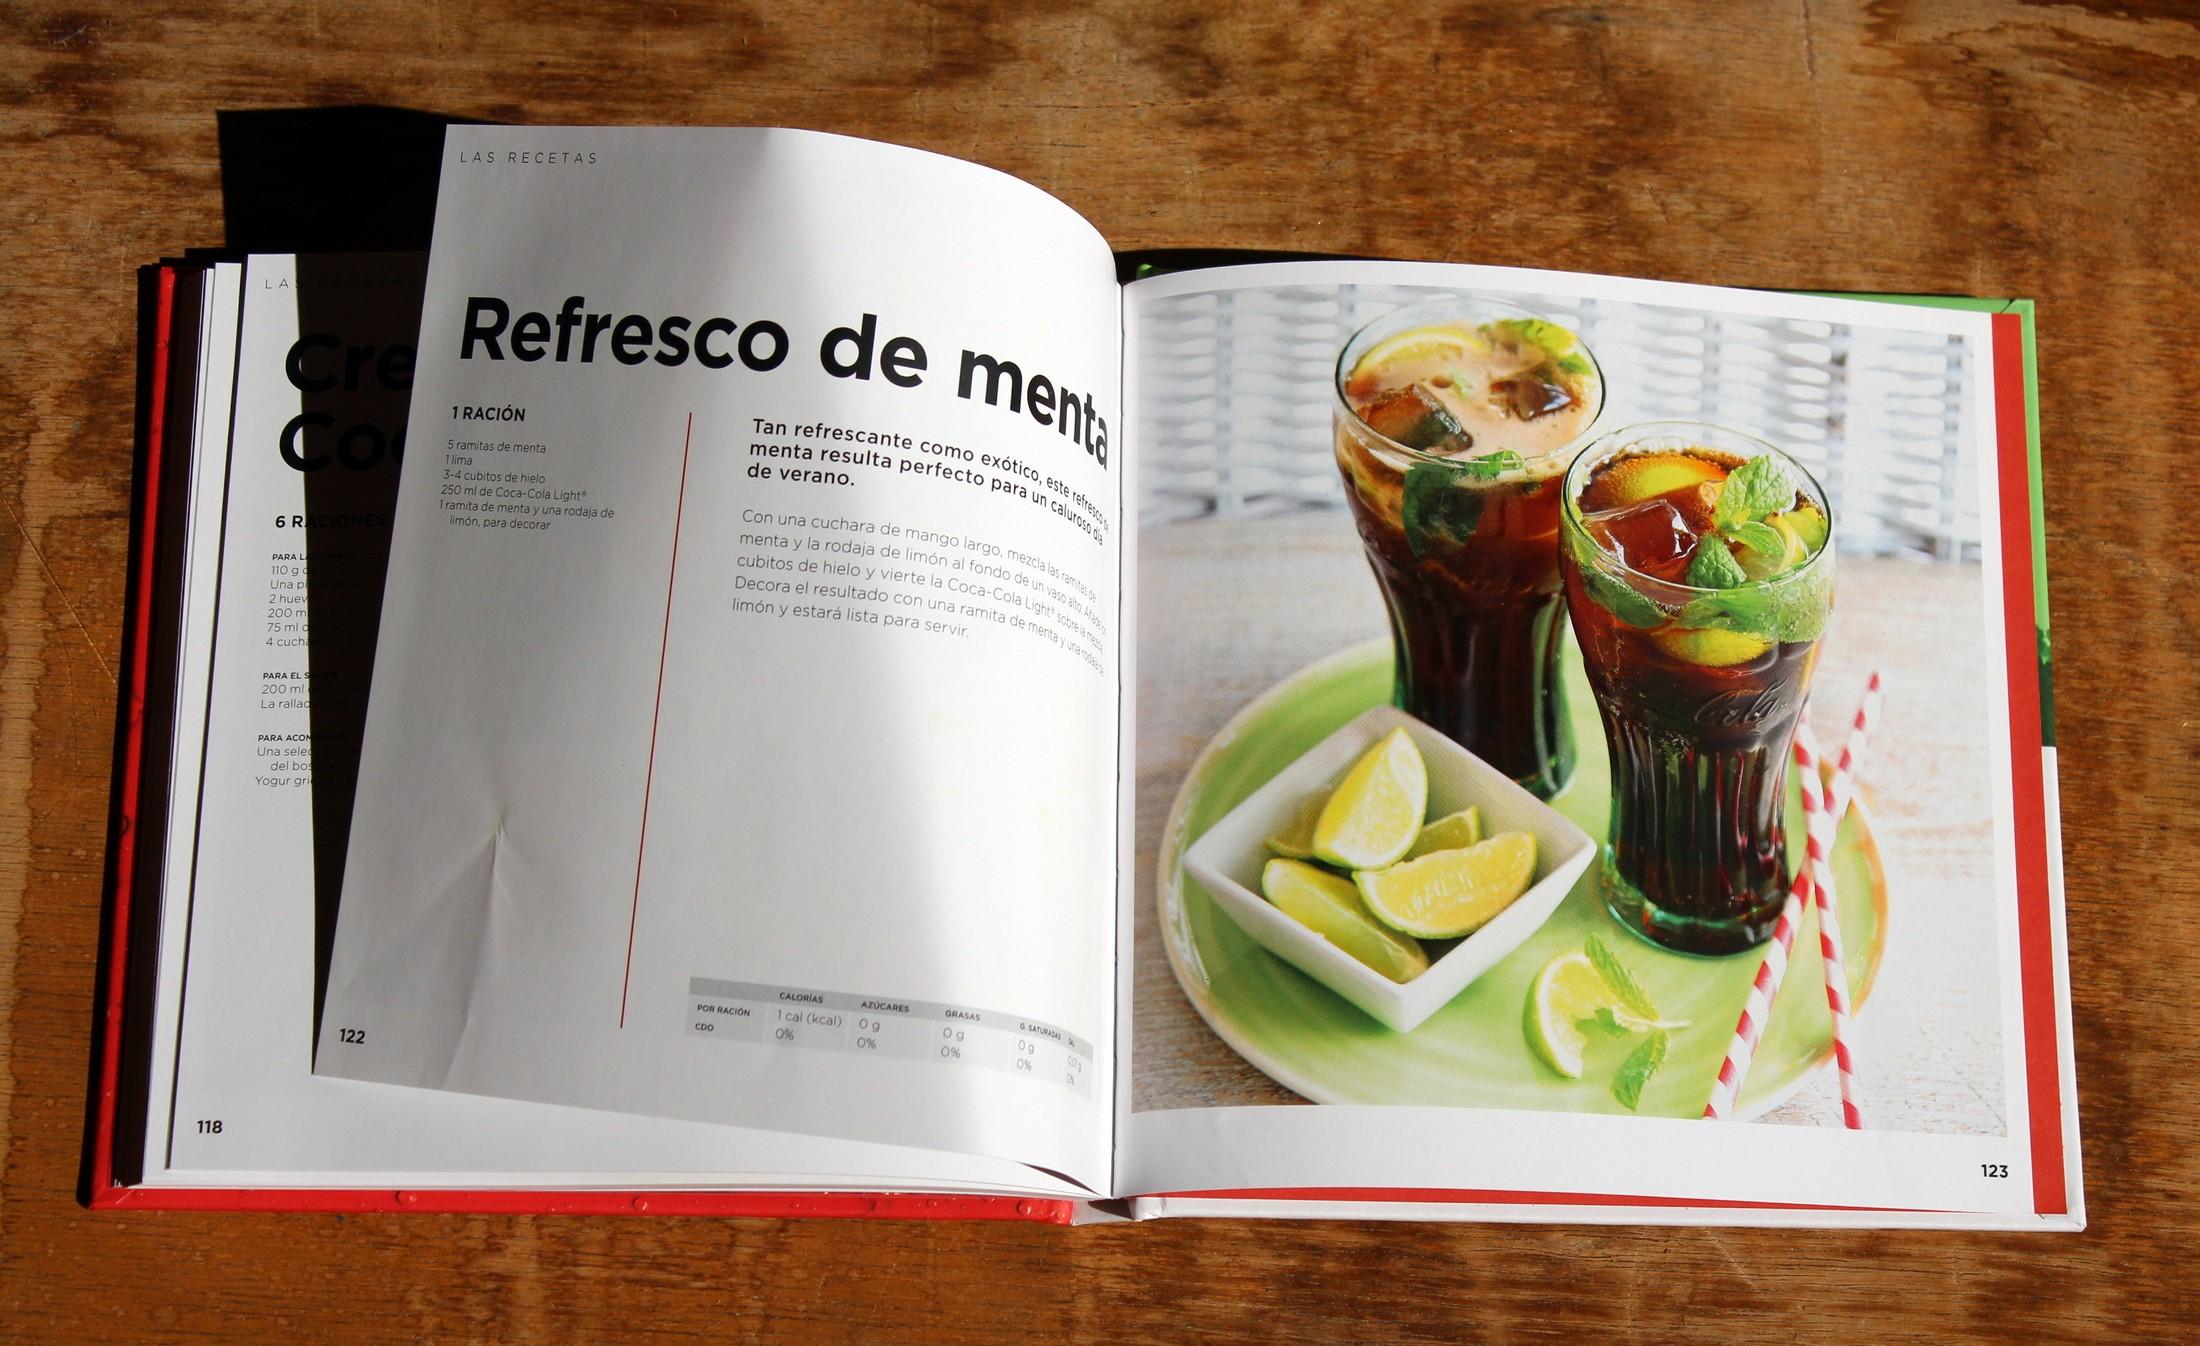 Recetas con Coca-Cola, el libro